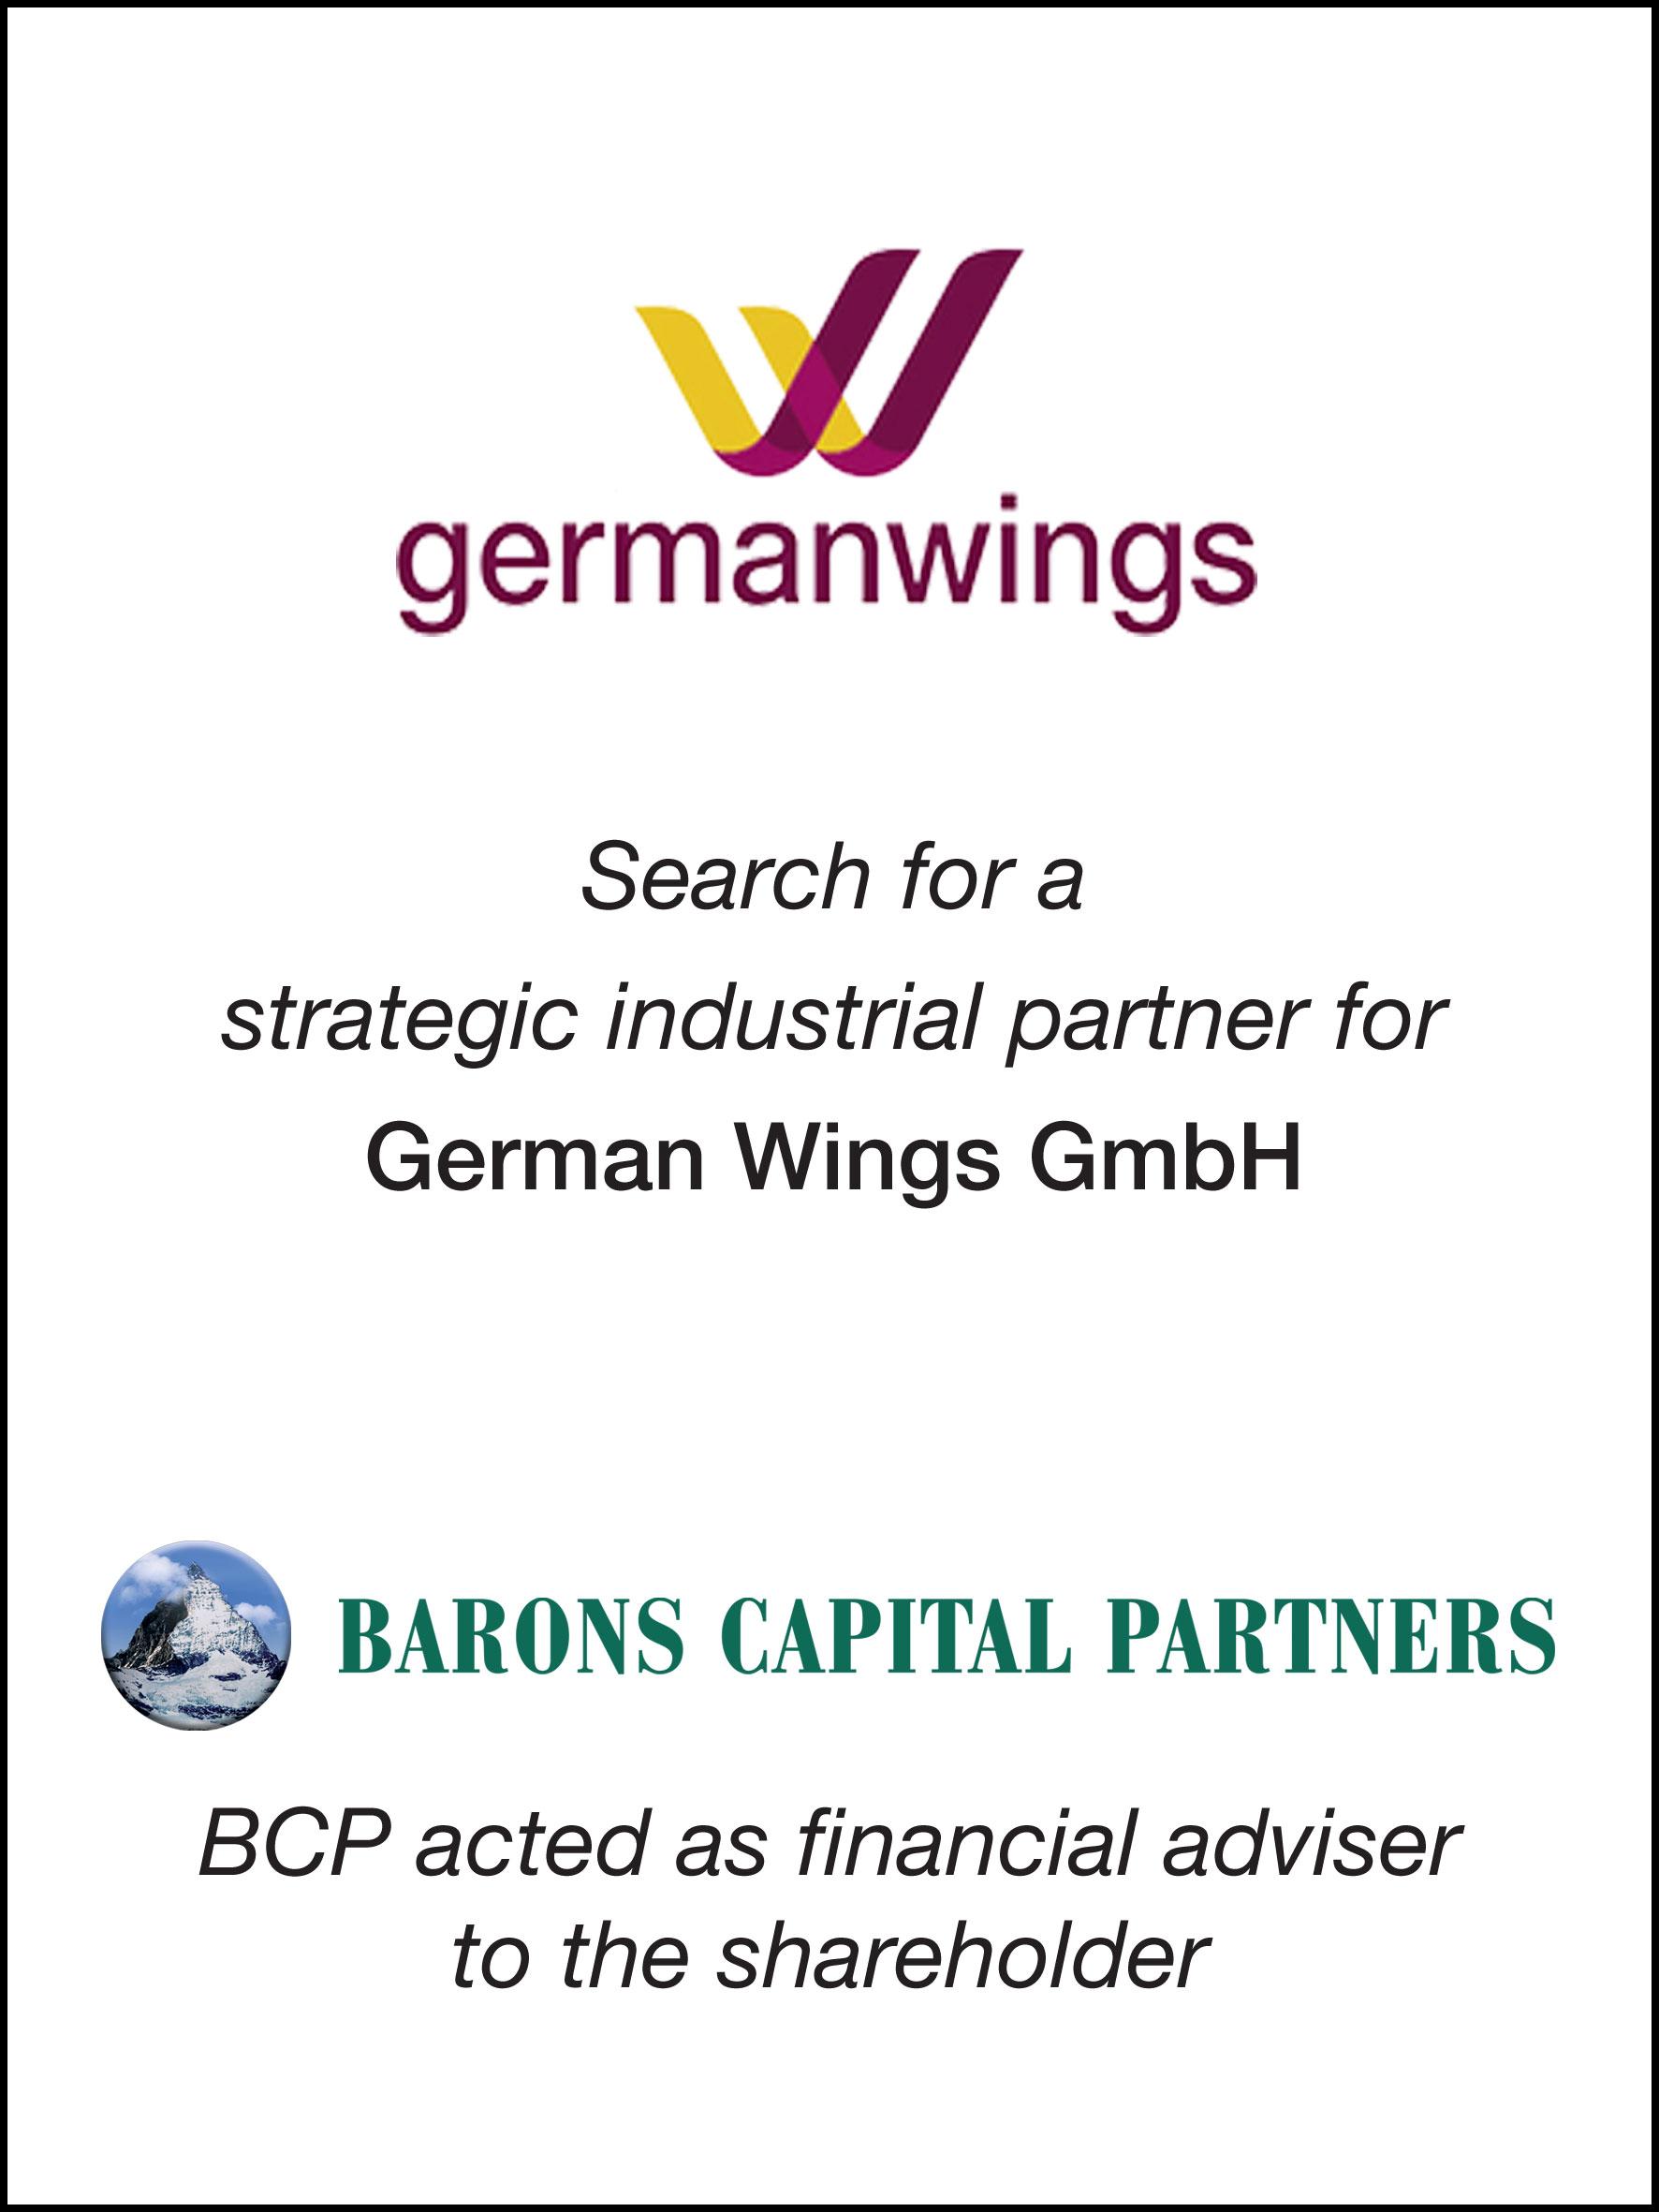 26_German Wings GmbH